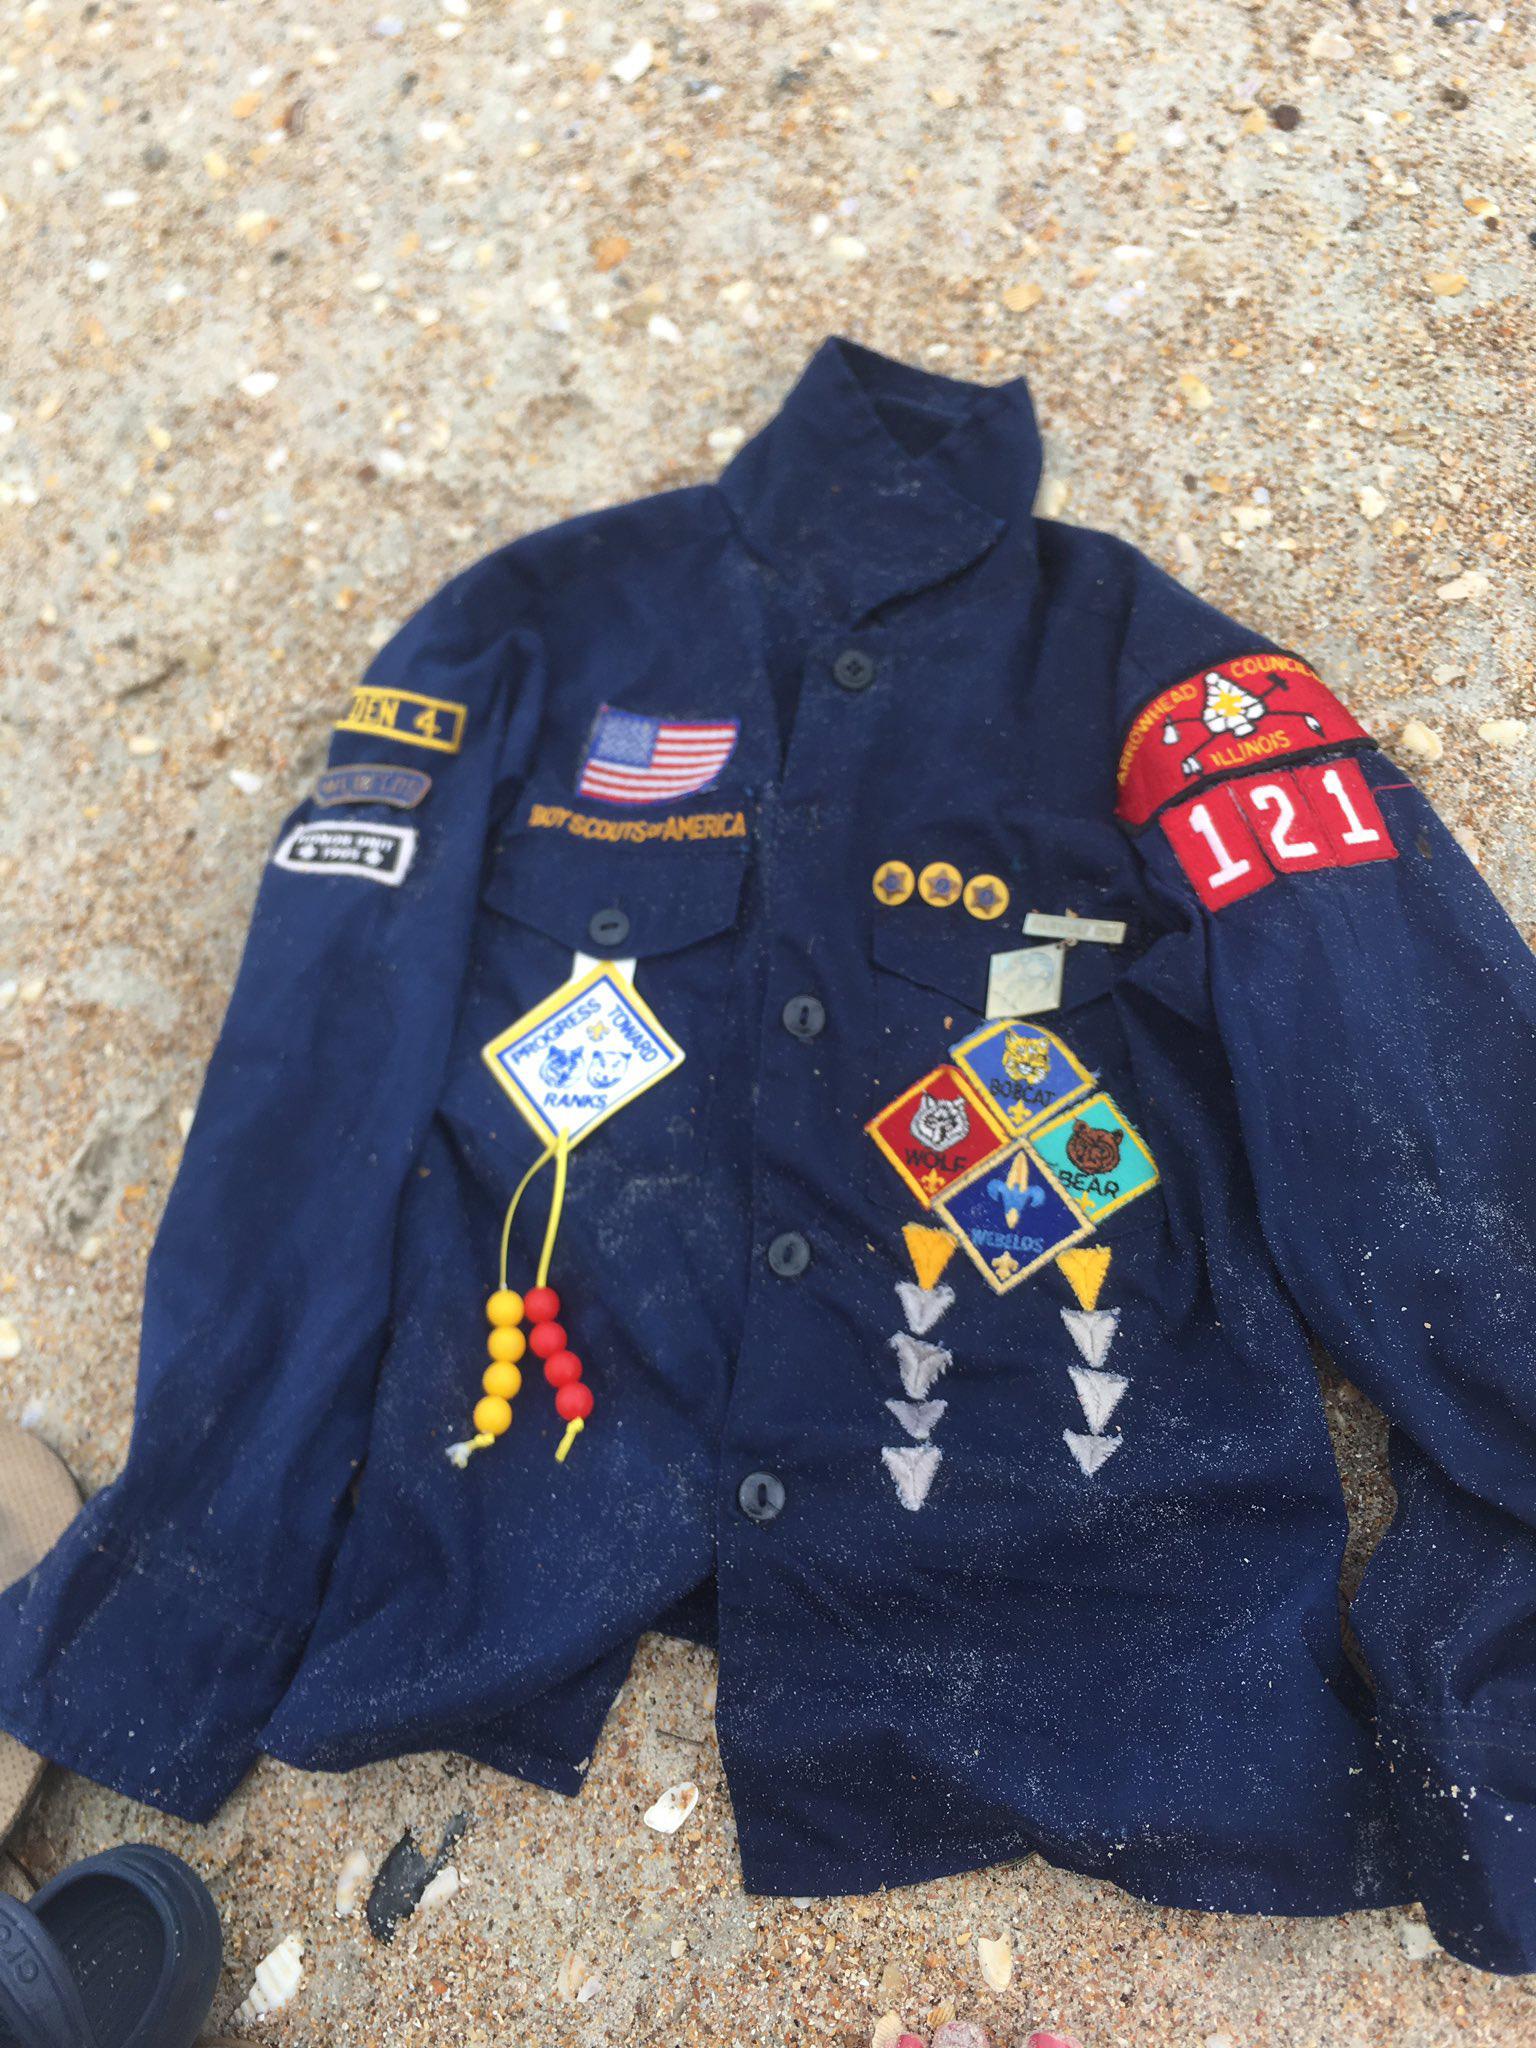 Finding a uniform